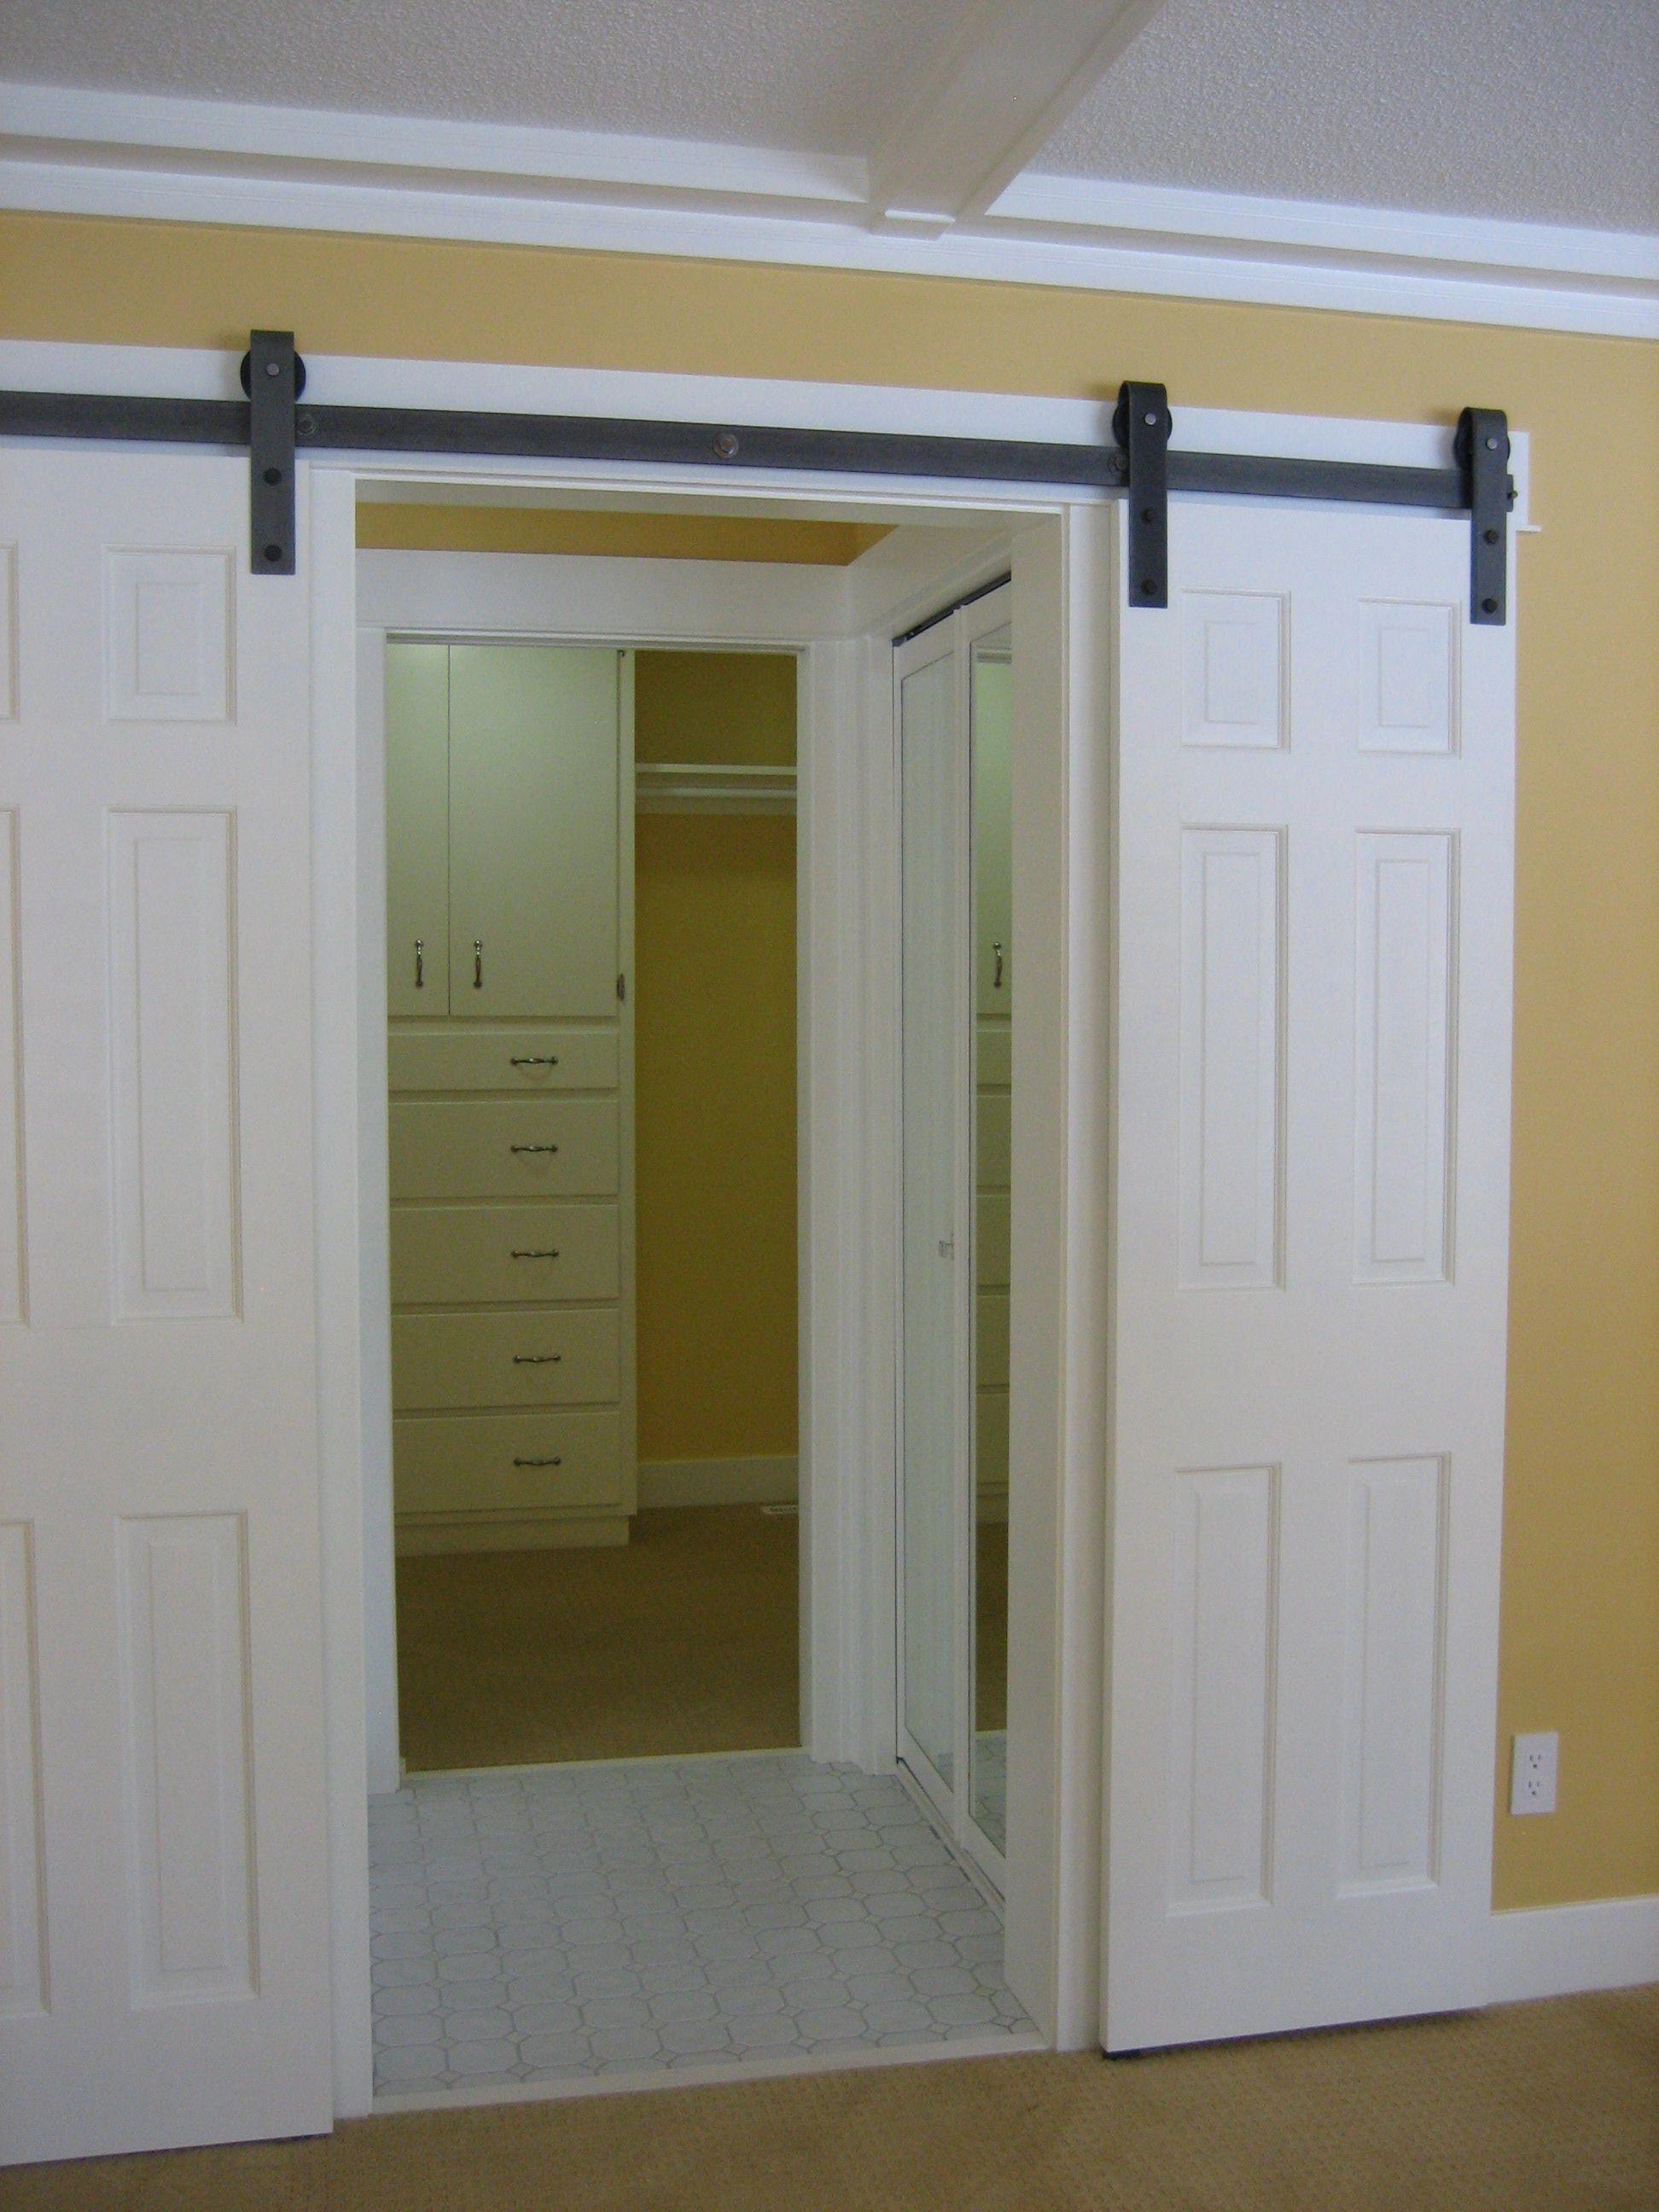 Hardwood Internal Doors 32 Inch Interior Glass Door Best Price Interior Doors Bifold Closet Doors Small Closet Door Ideas Folding Closet Doors